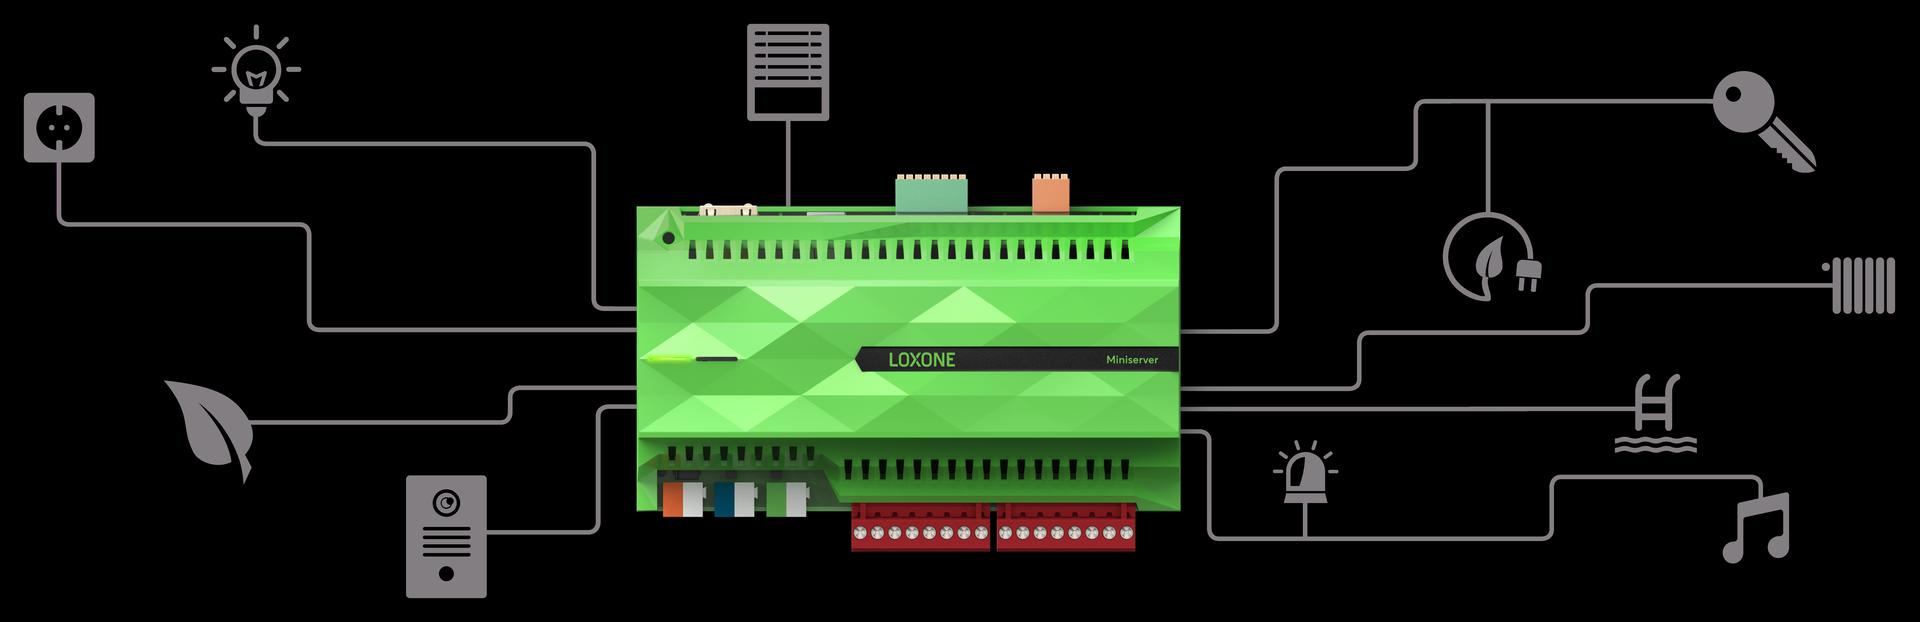 Systém postavený na Miniserveru